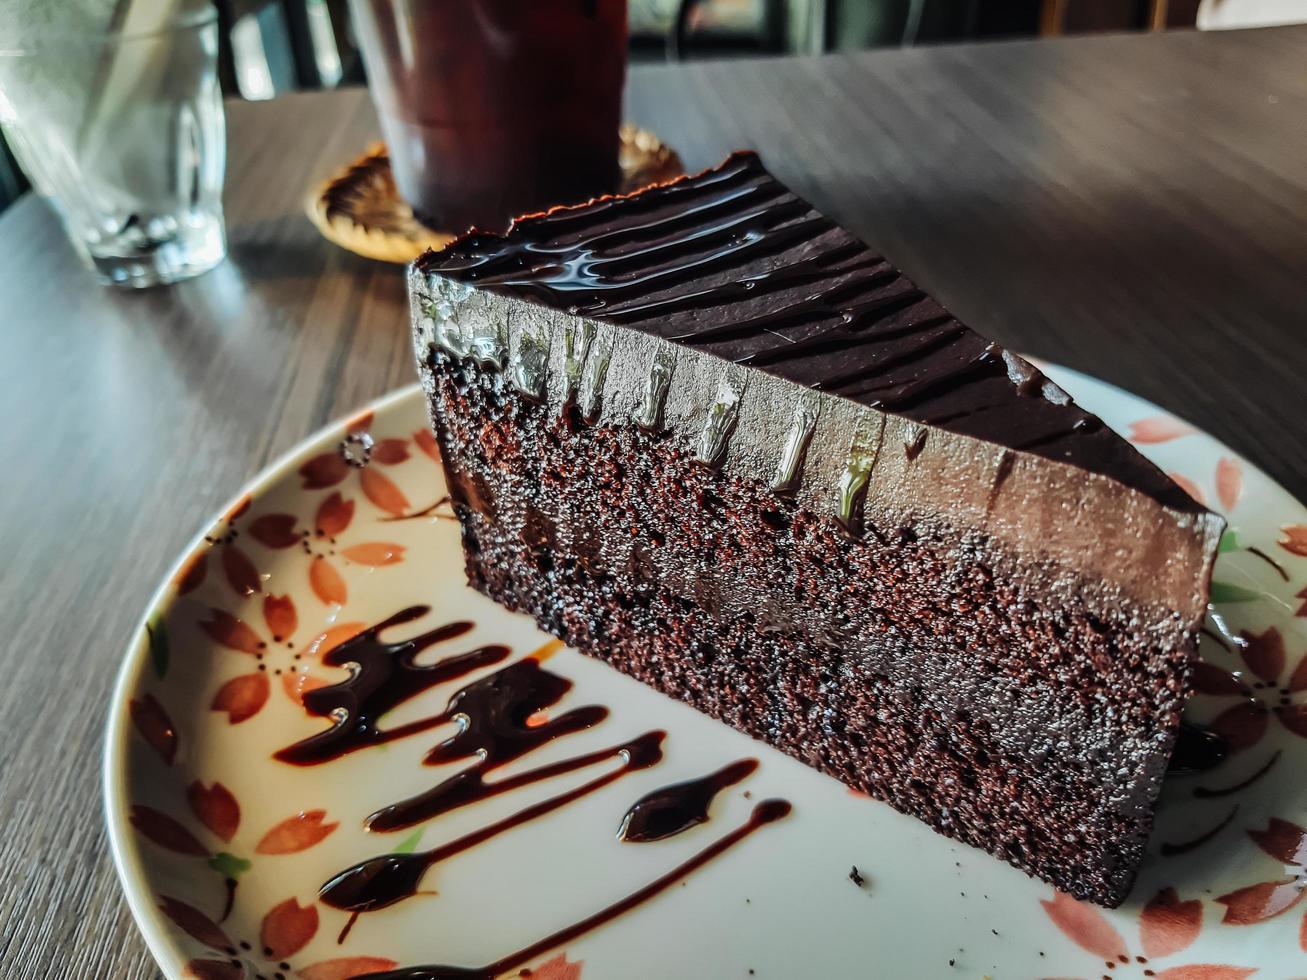 tallrik med skiva välsmakande hemlagad chokladkaka på bordet, utsökt chokladkaka. tårta på en tallrik. söt mat. söt efterrätt. närbild. foto